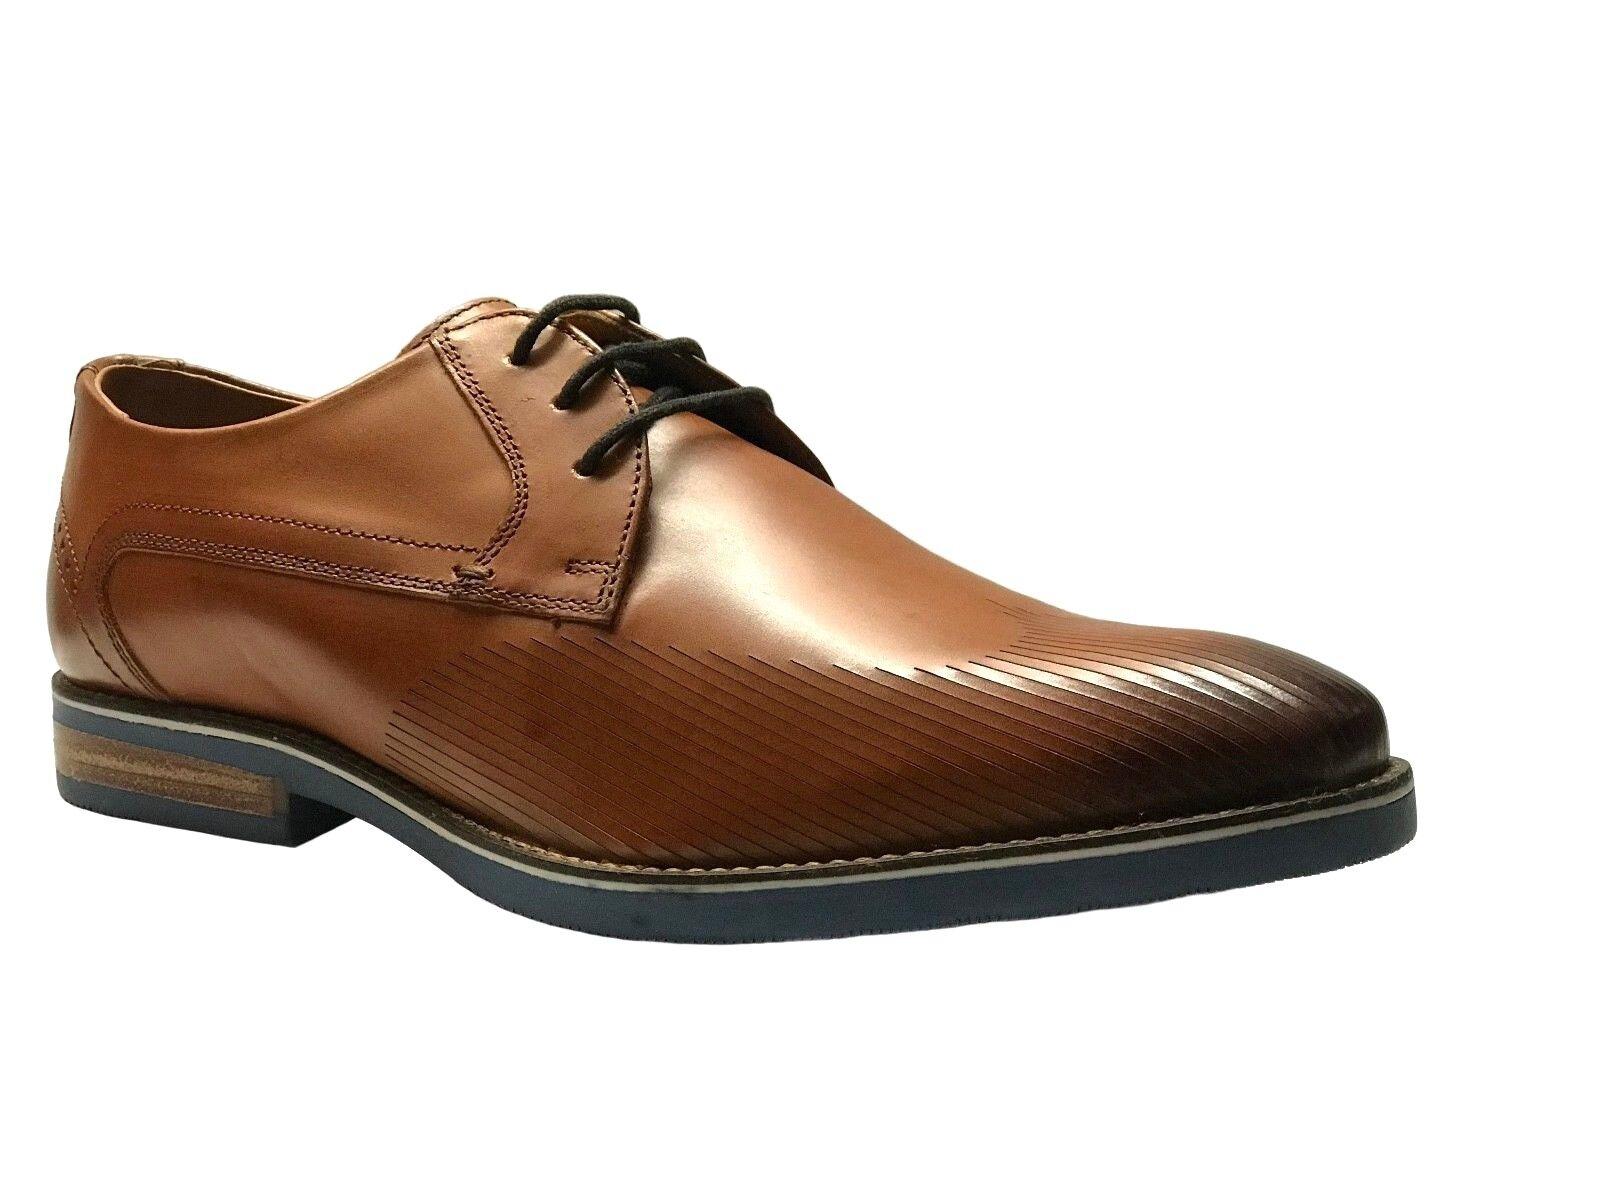 Giorgio Brutini Kane Men's Oxford Tan Leather Dress shoes  251254